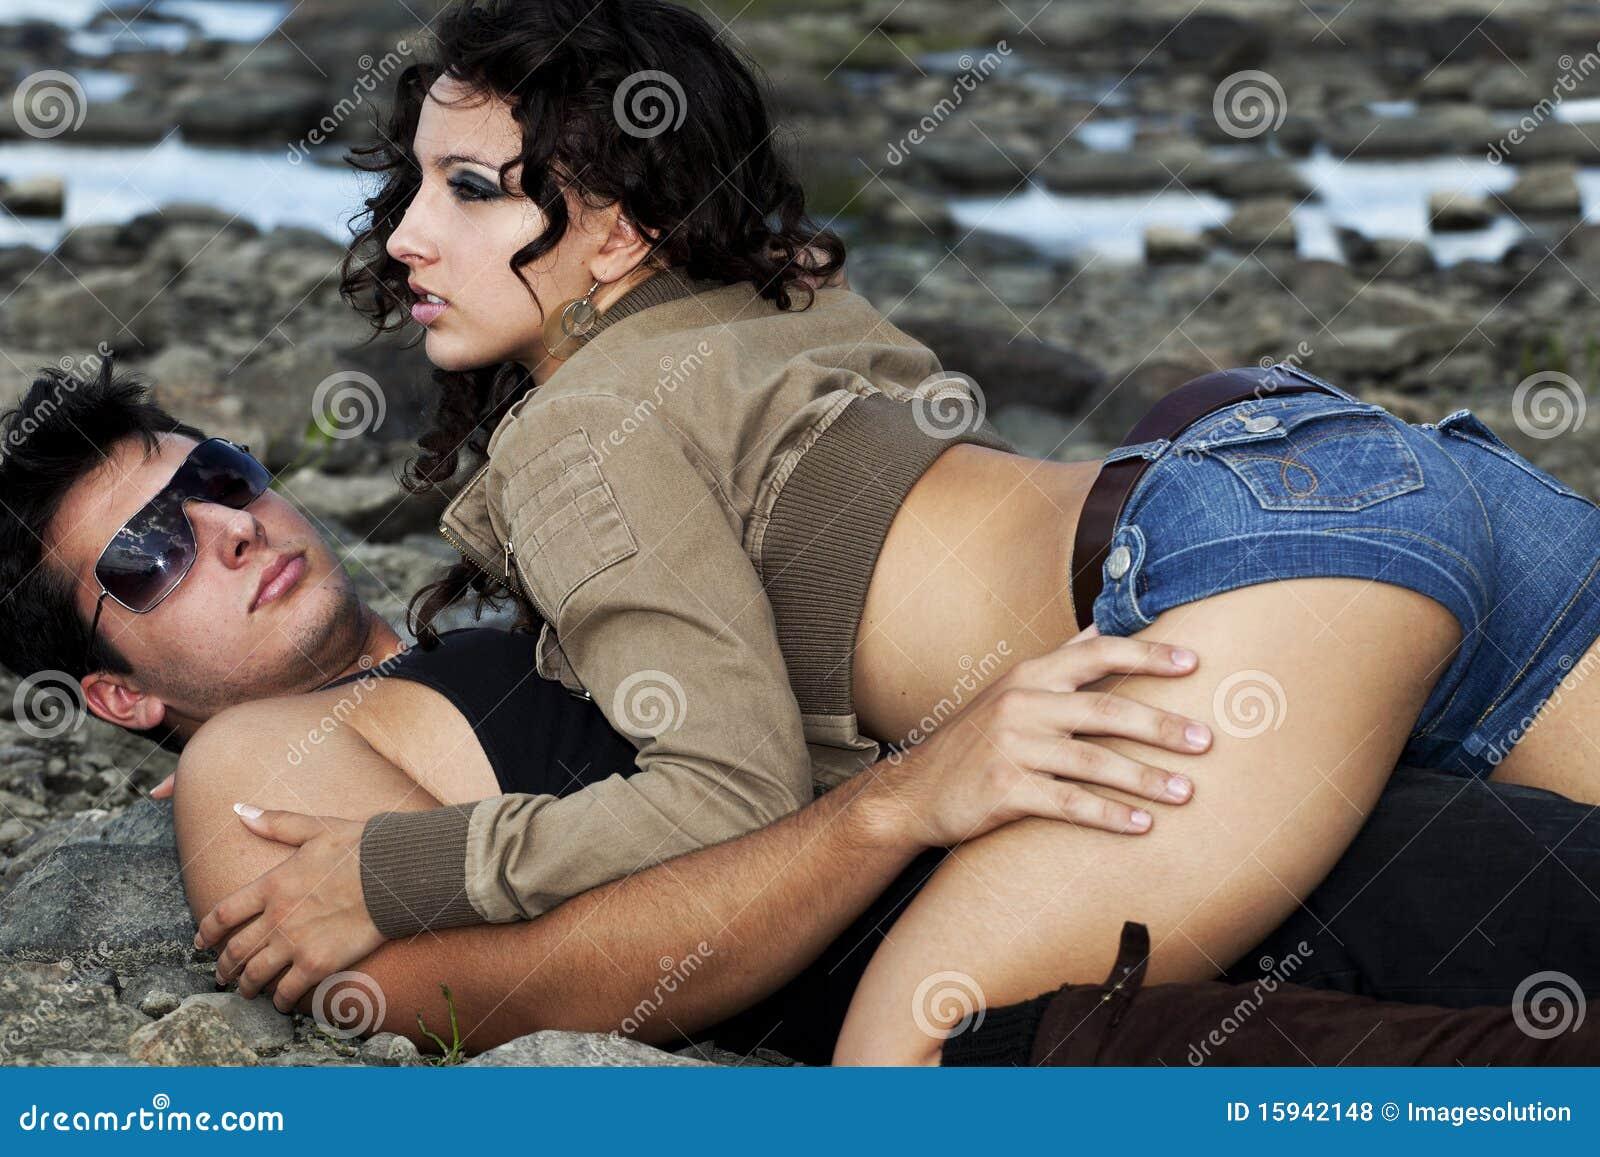 Предаваться любовным утехам 1 фотография